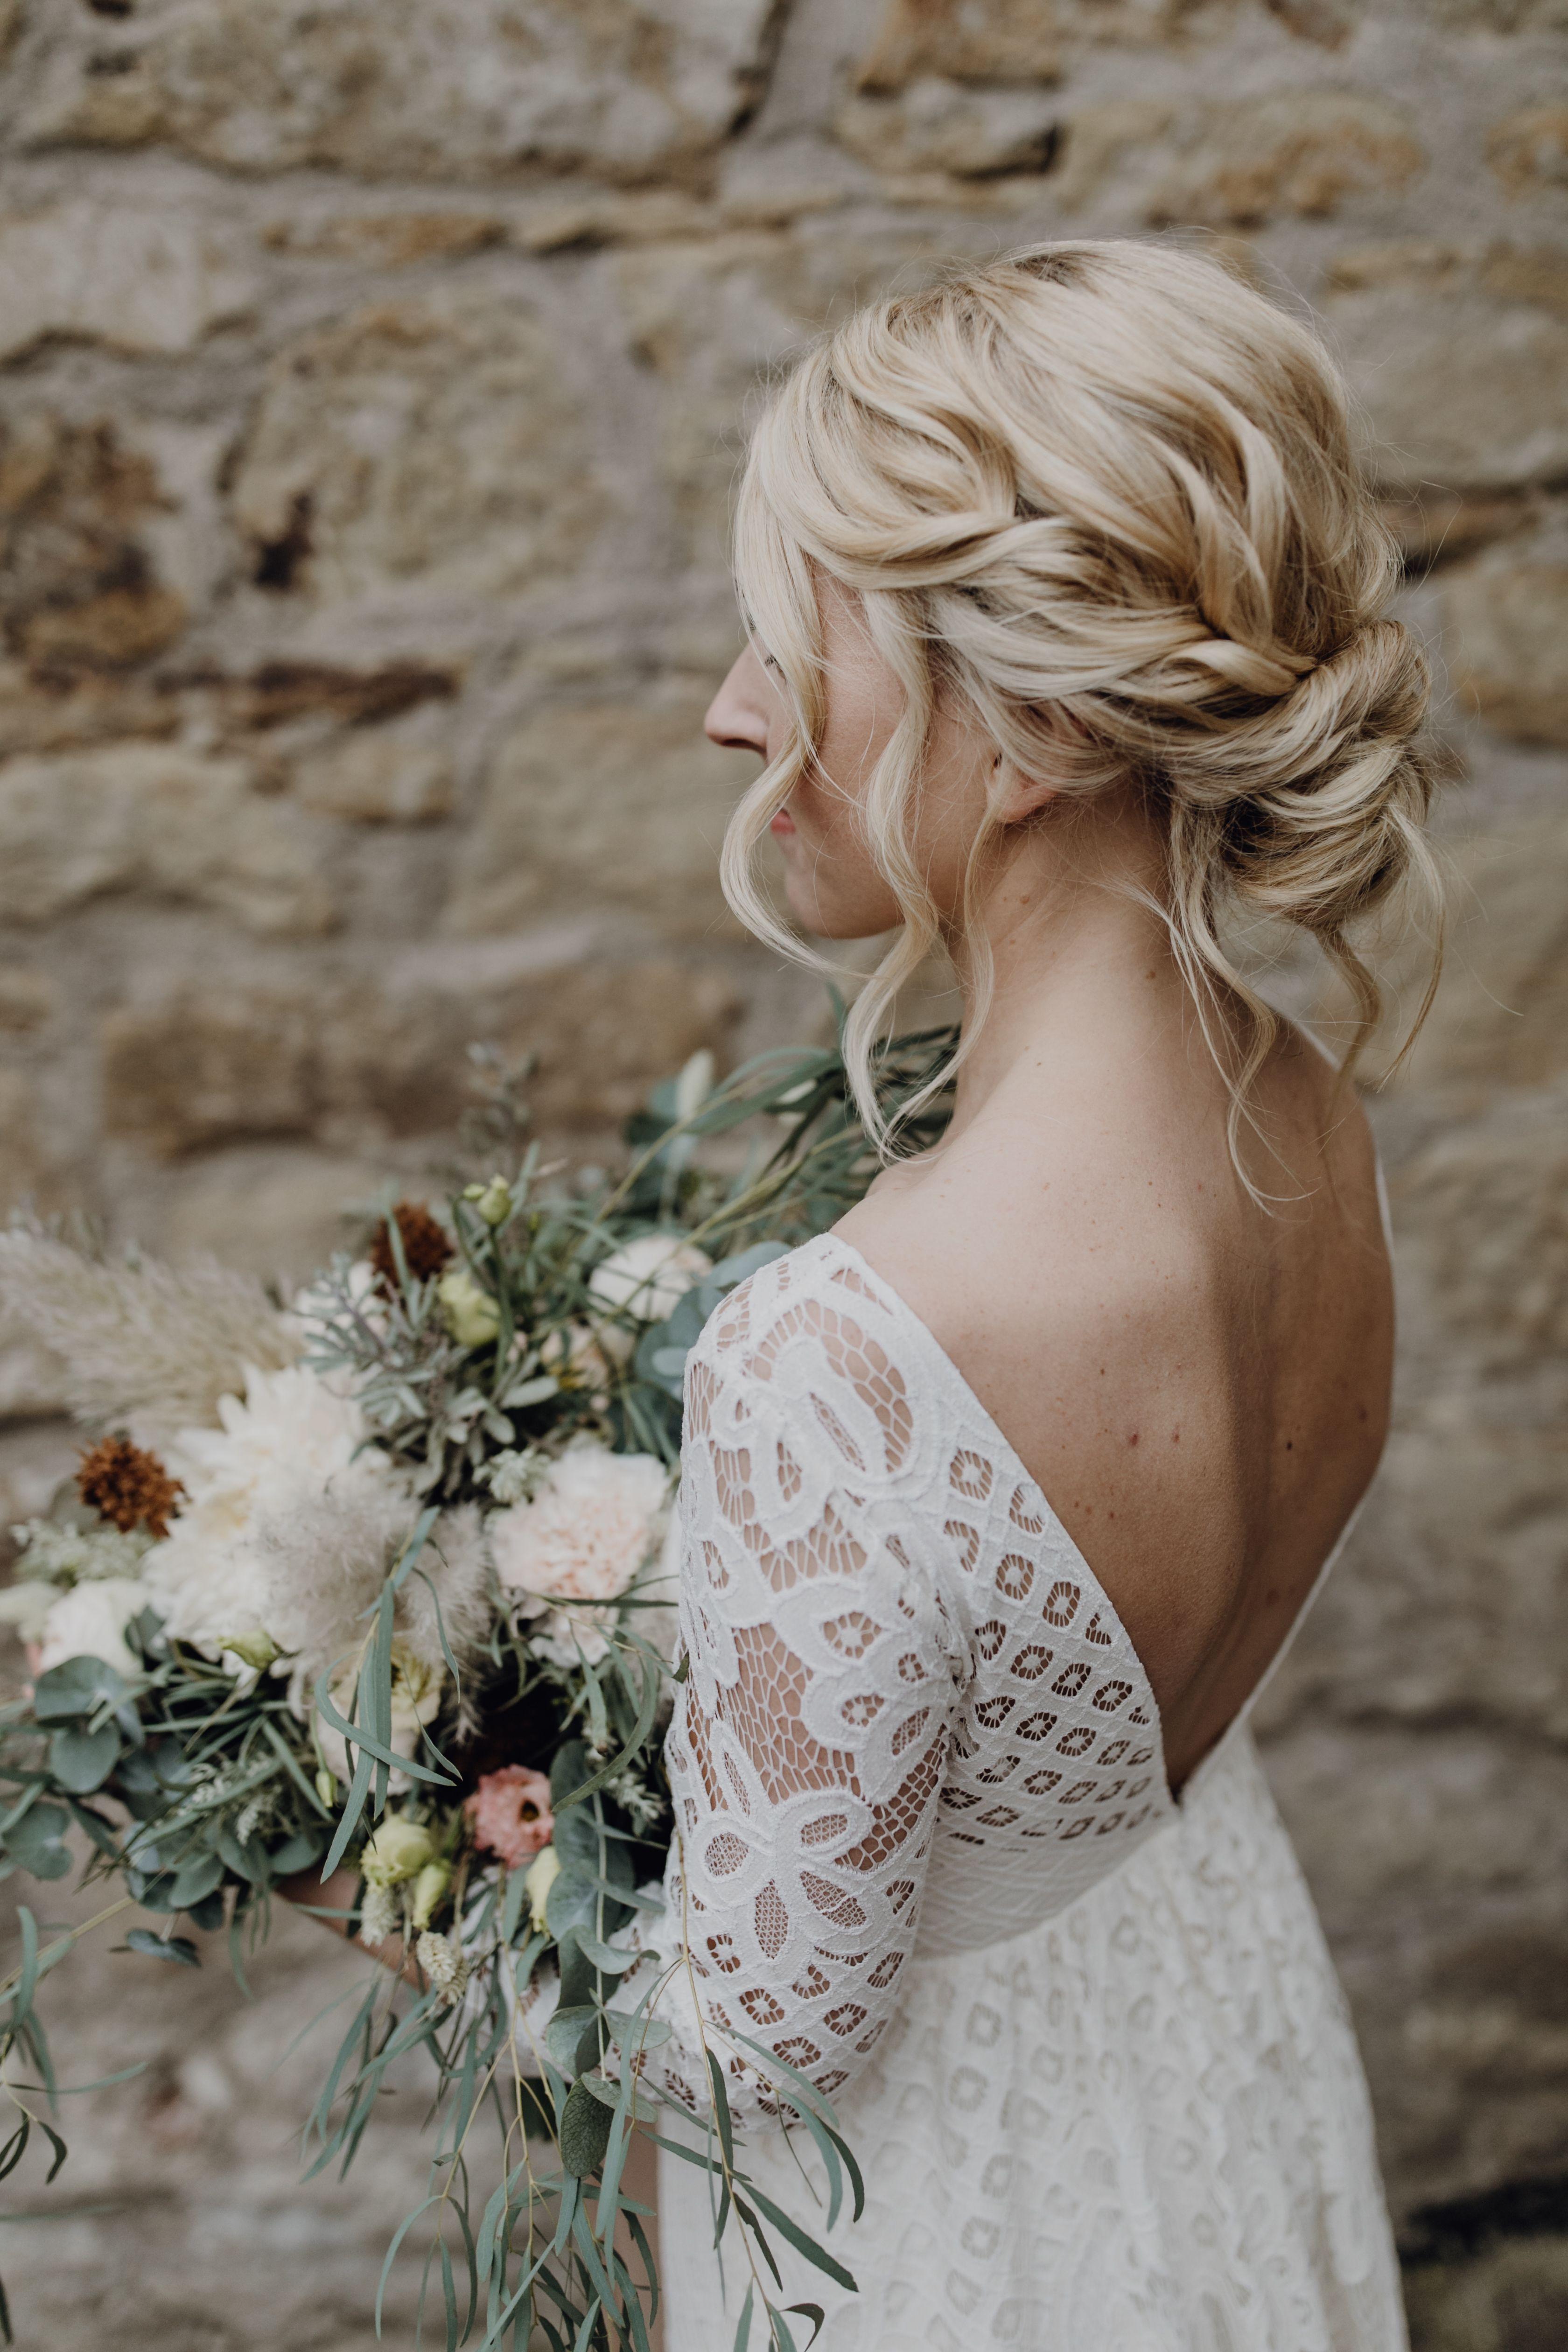 Brautkleid Lange Spitzenarmel Ruckenausschnitt Boho Hochzeitskleid Vintage Brautfrisur Braut Brautfrisuren Vintage Hochzeitskleider Vintage